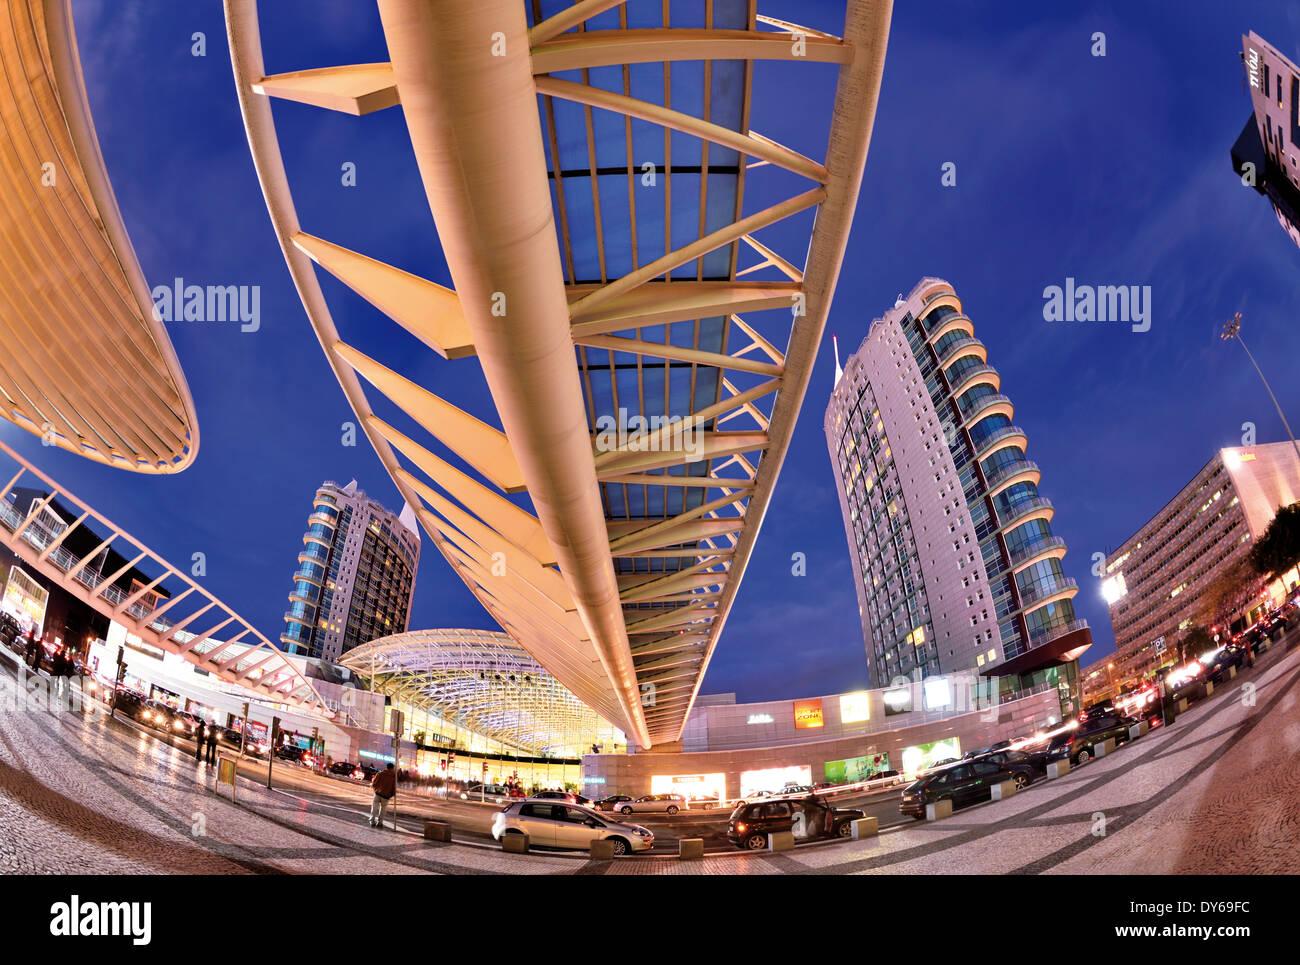 Il Portogallo, Lisbona: architettura del centro commerciale per lo shopping nel Parque das Nacoes Immagini Stock